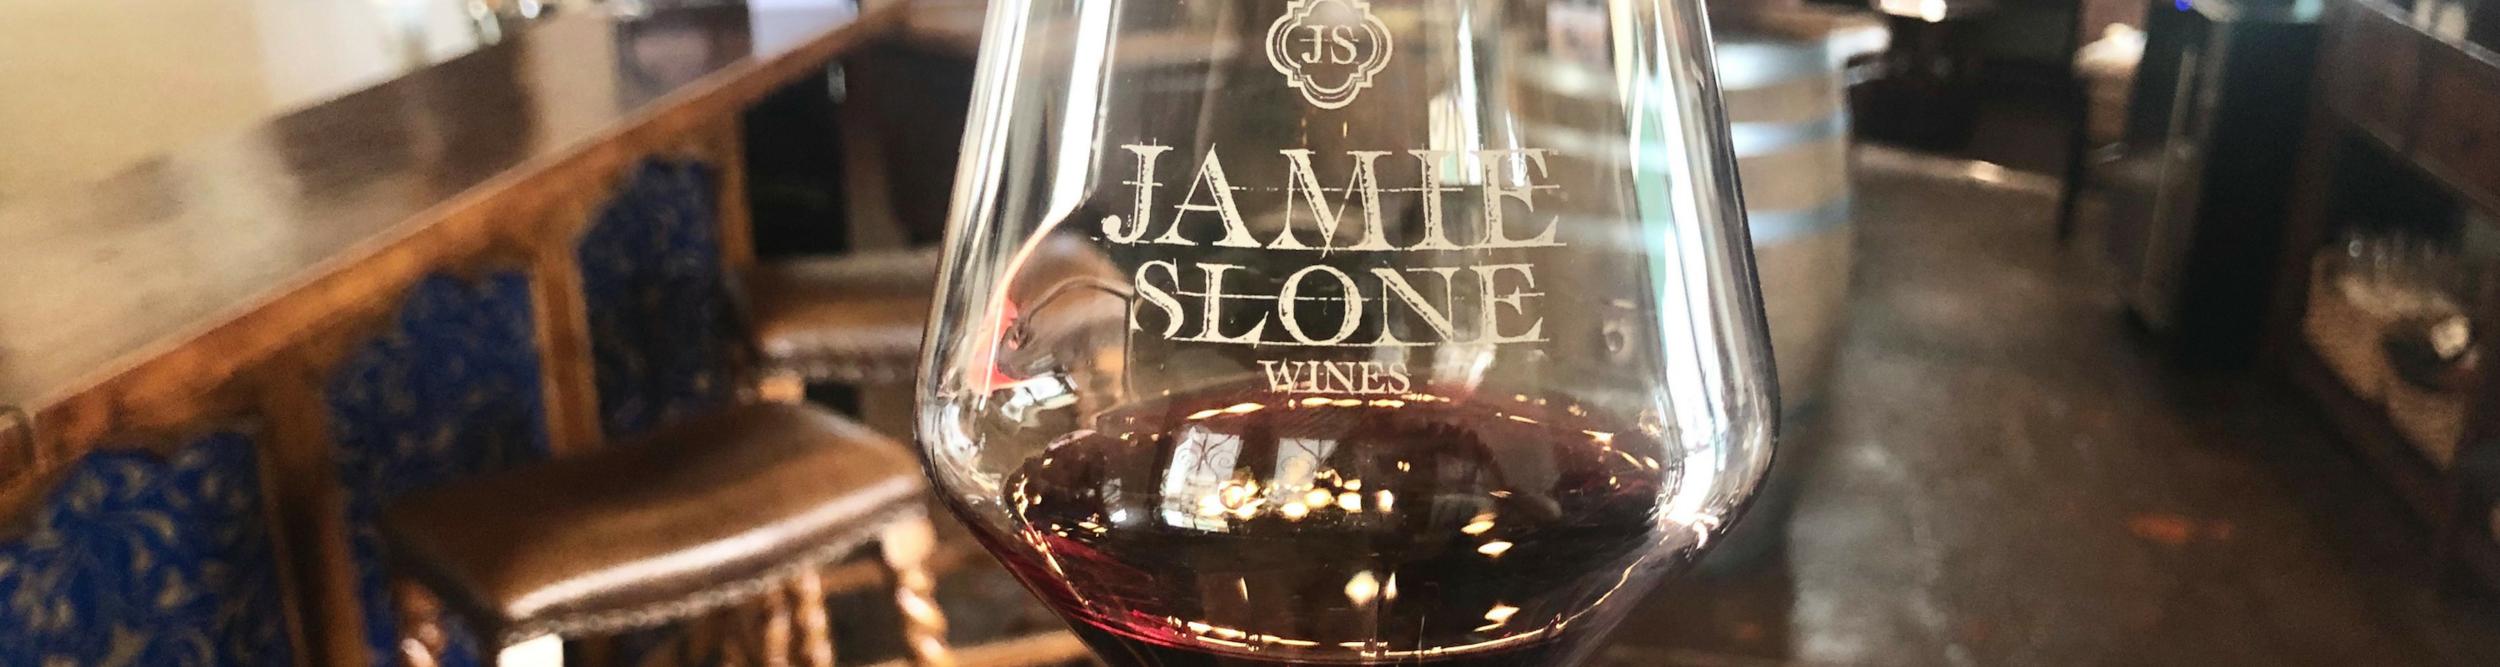 SBRW- Jamie Slone Wines Main Image.png